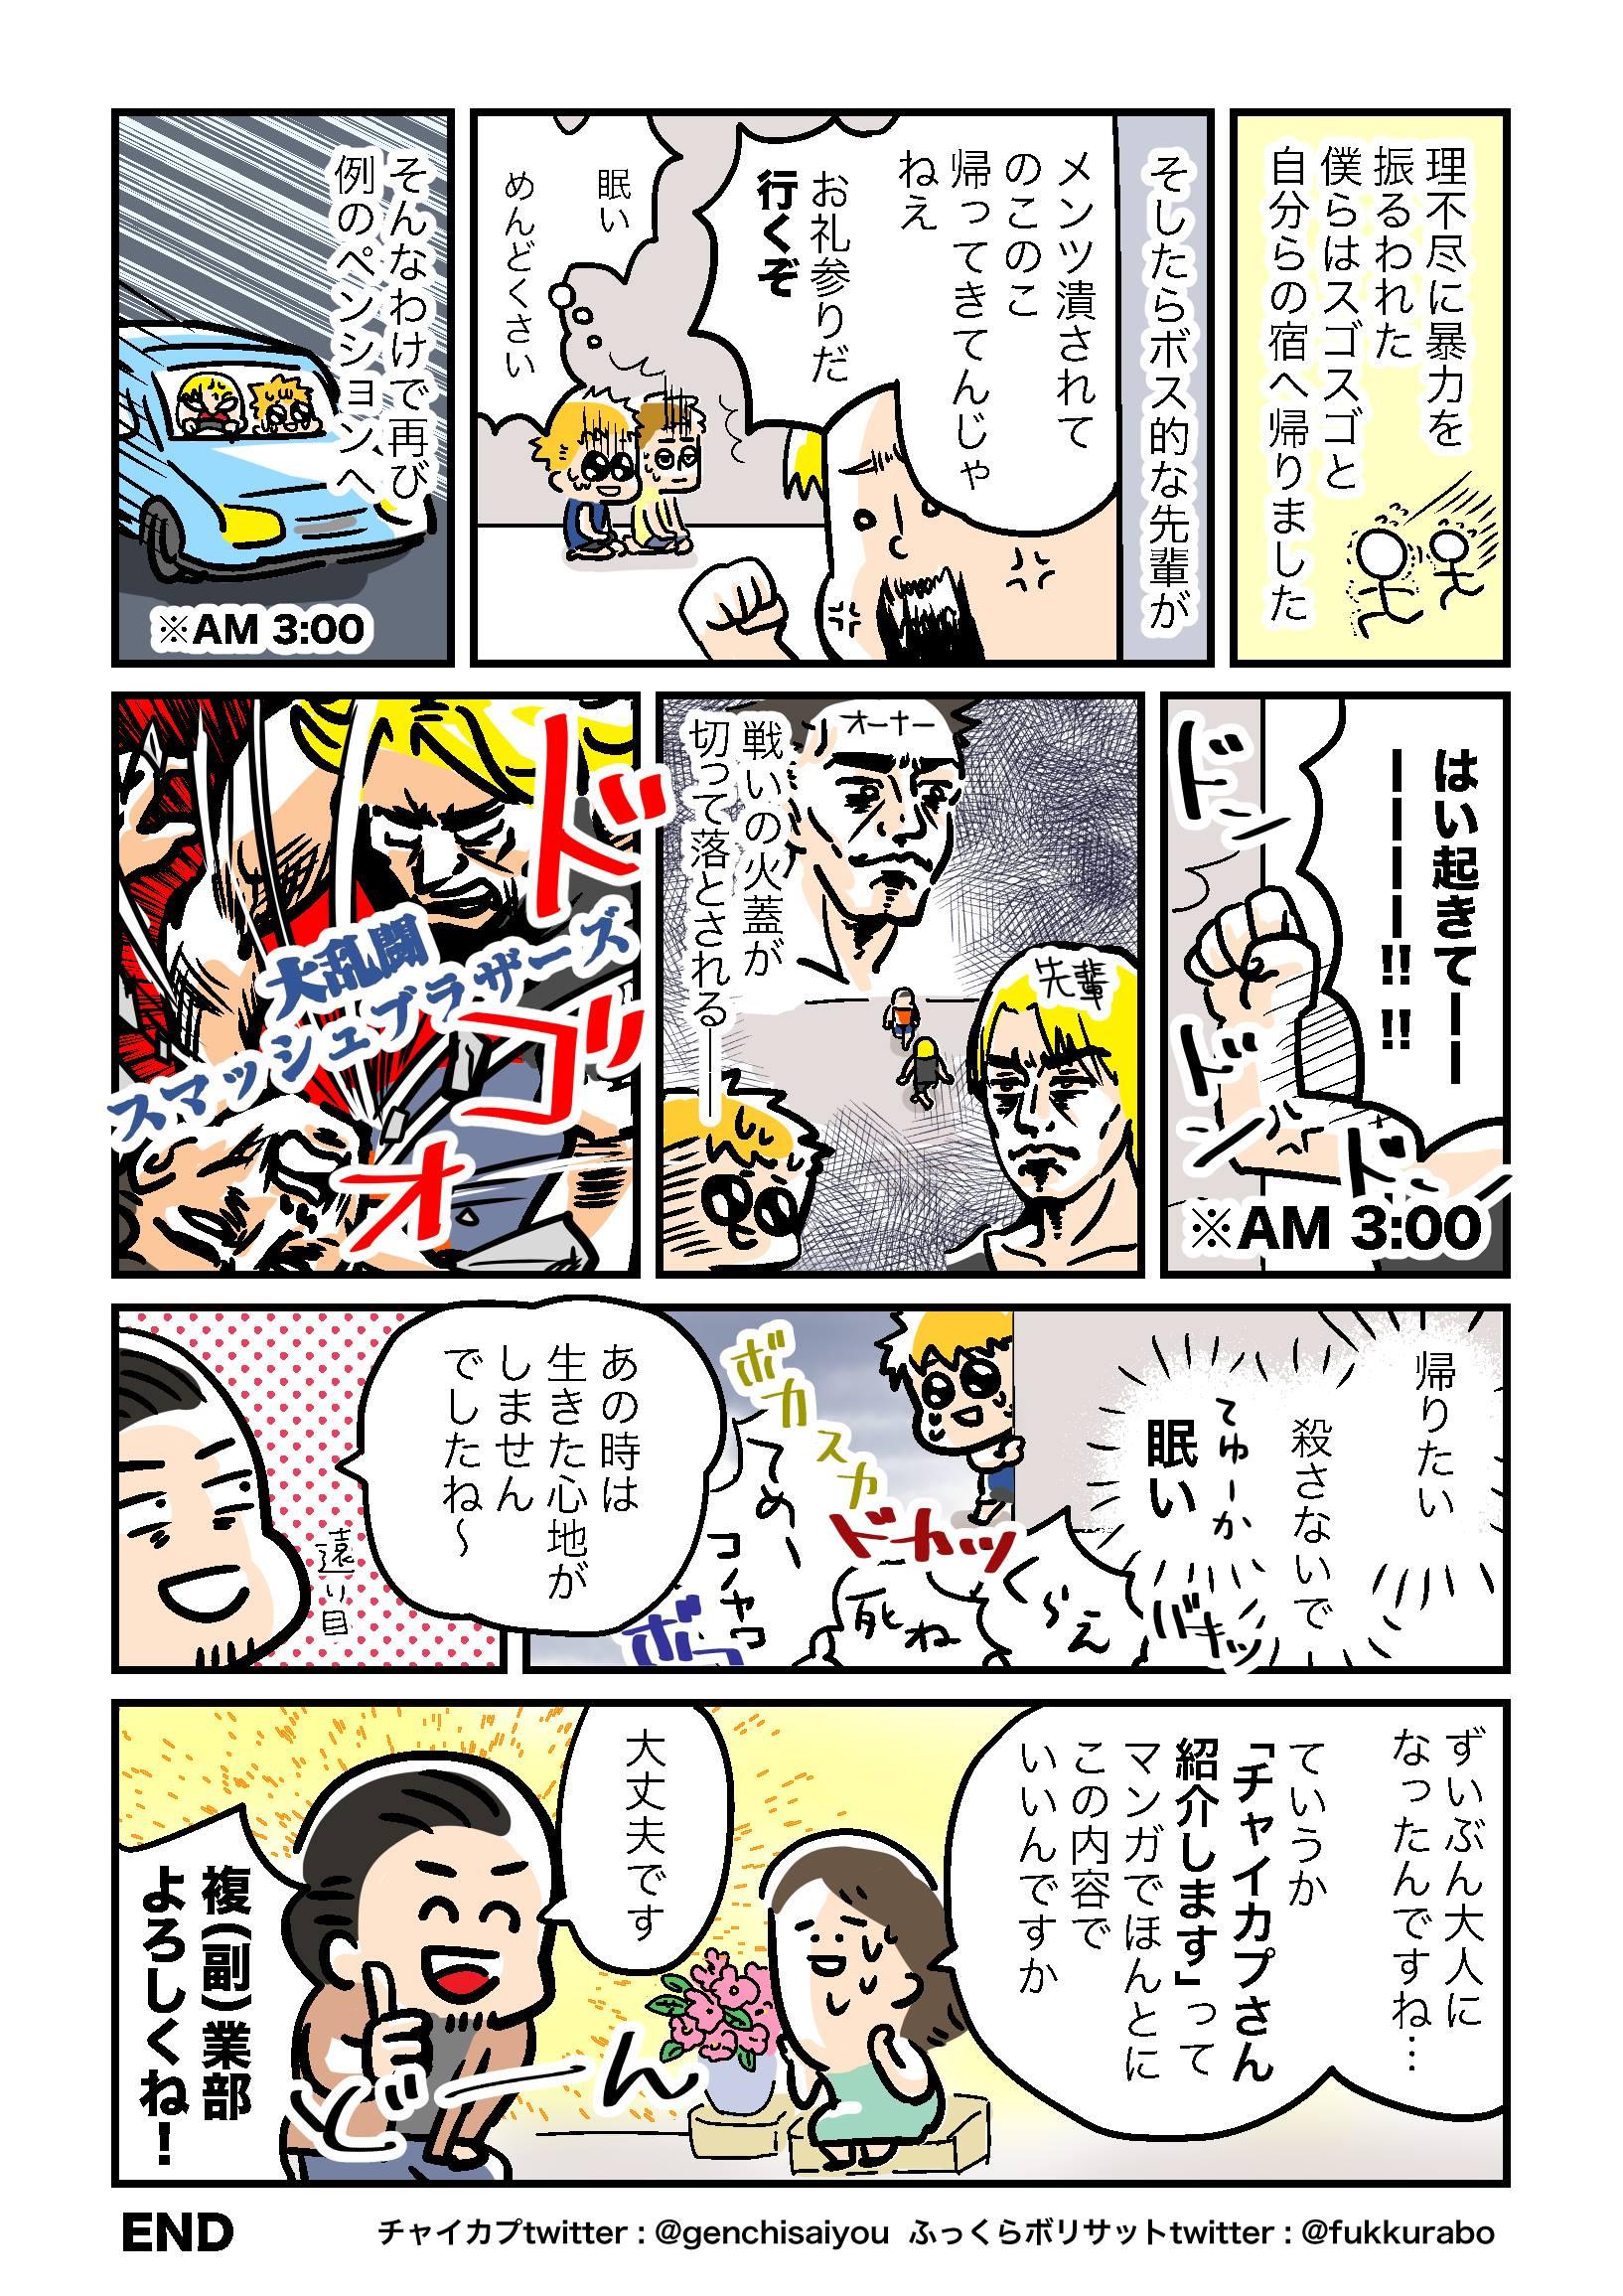 プロフィール漫画1